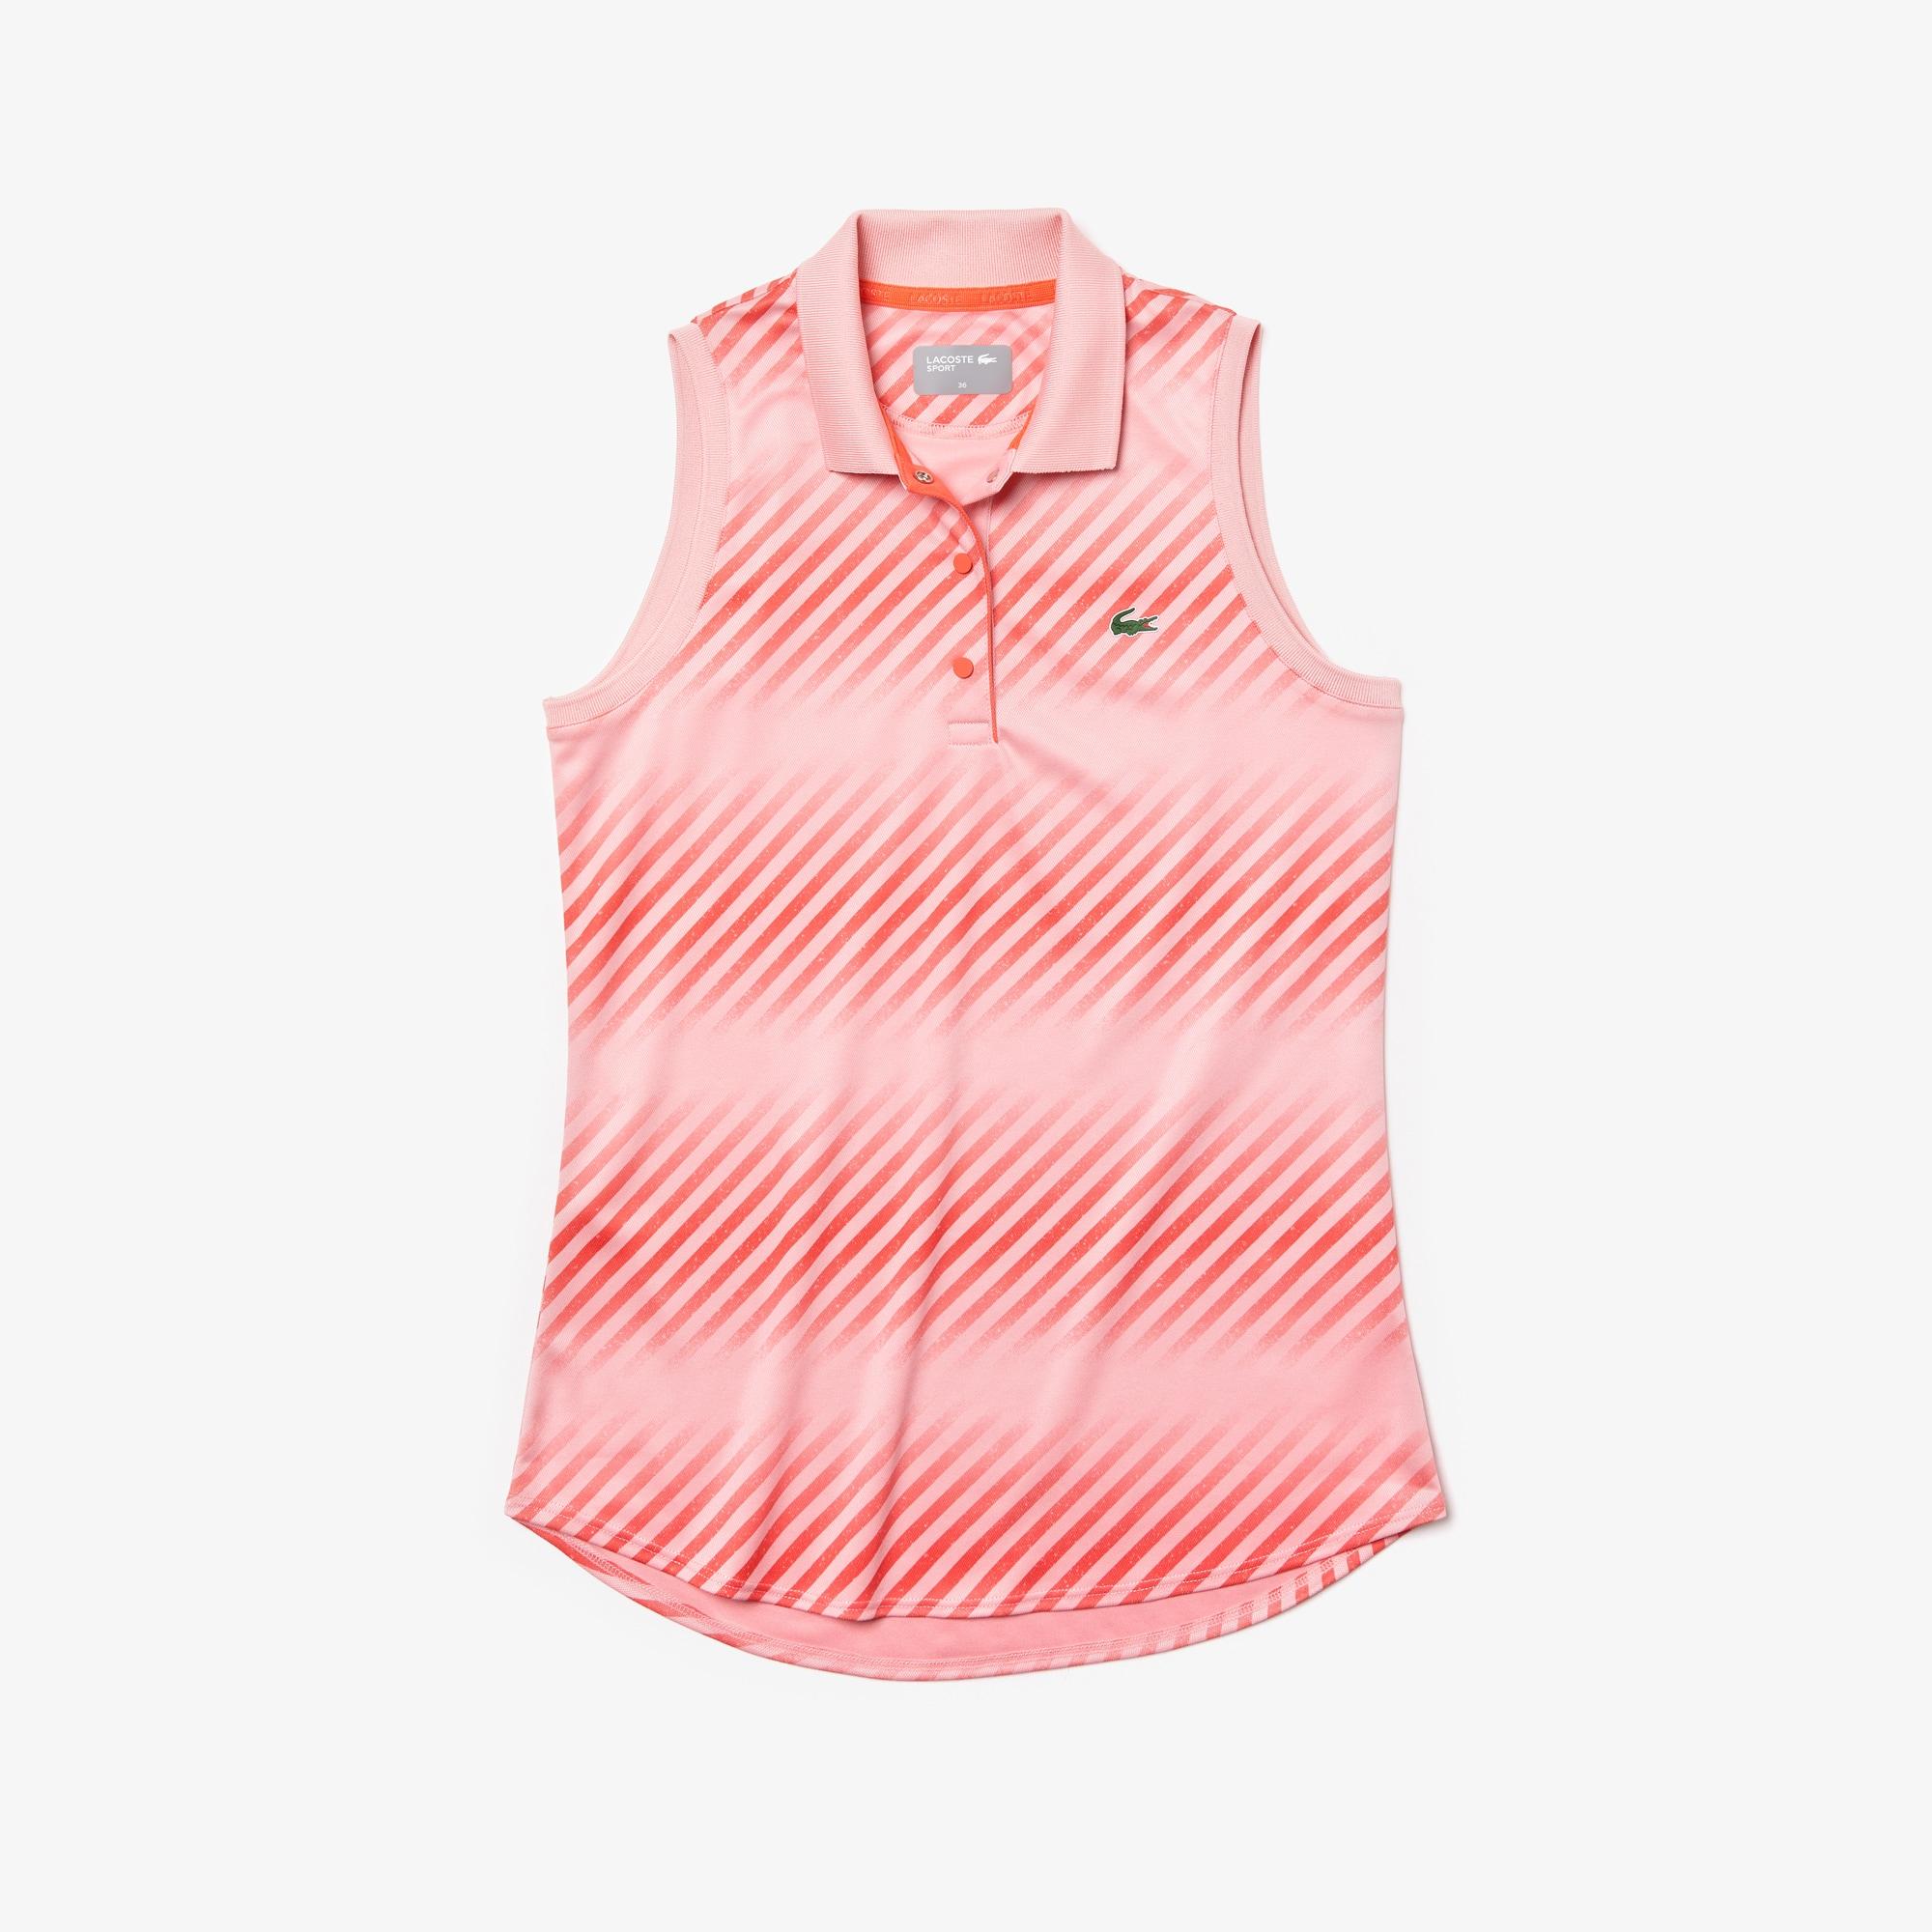 라코스테 우먼 스포츠 테니스 민소매 테니스 셔츠 Lacoste Womens SPORT Breathable Pique Tennis Polo,Pink / Red / Red